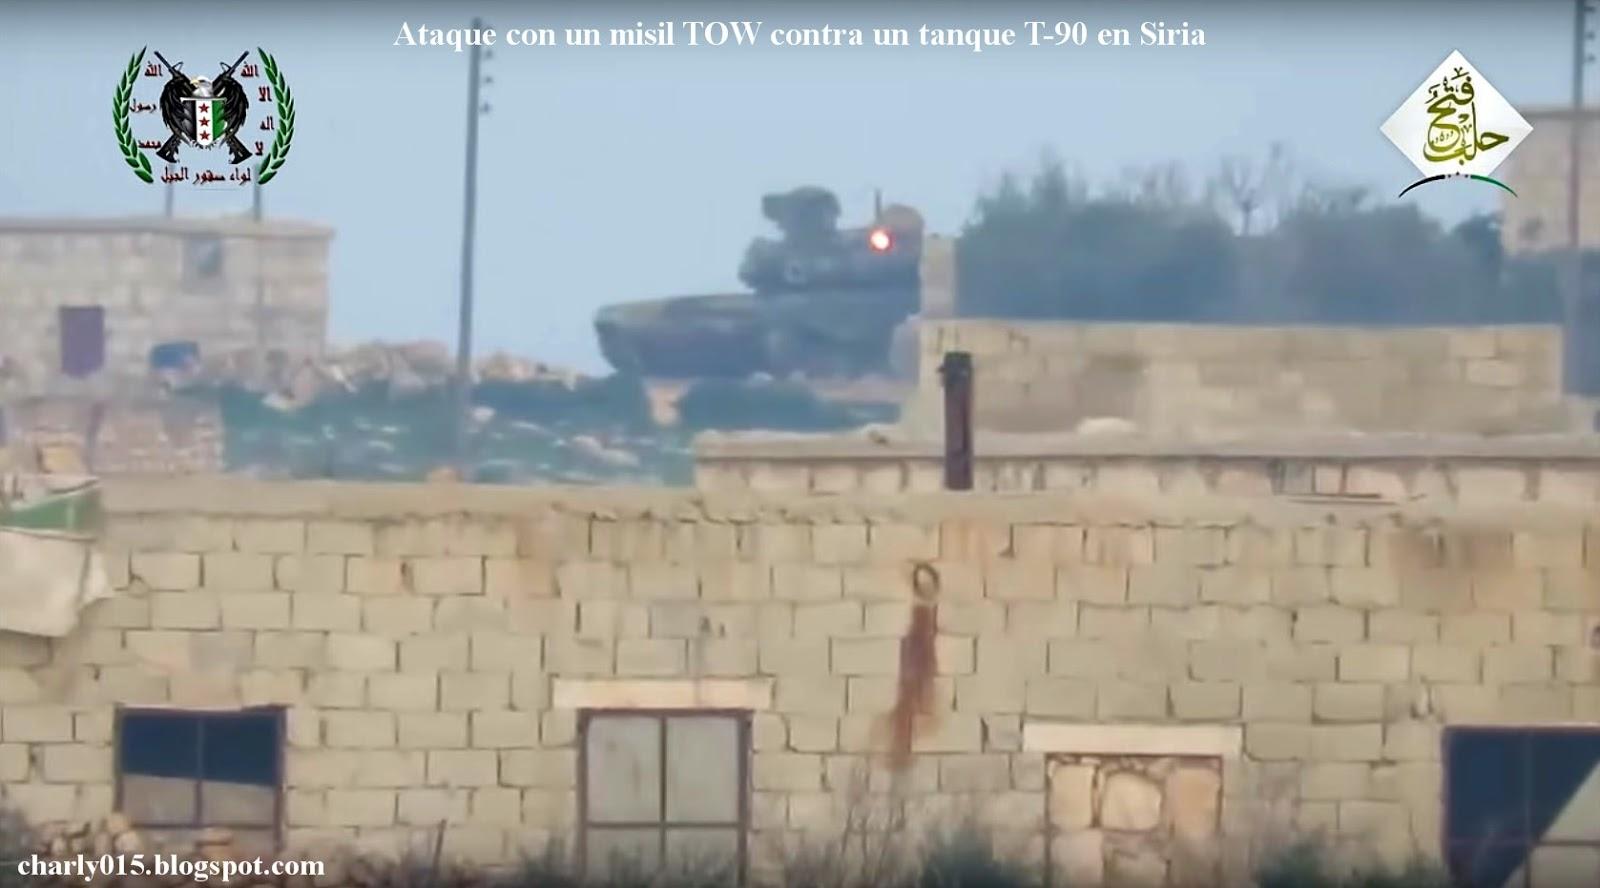 siria%2Bt-90%2Bataque%2B3.jpg